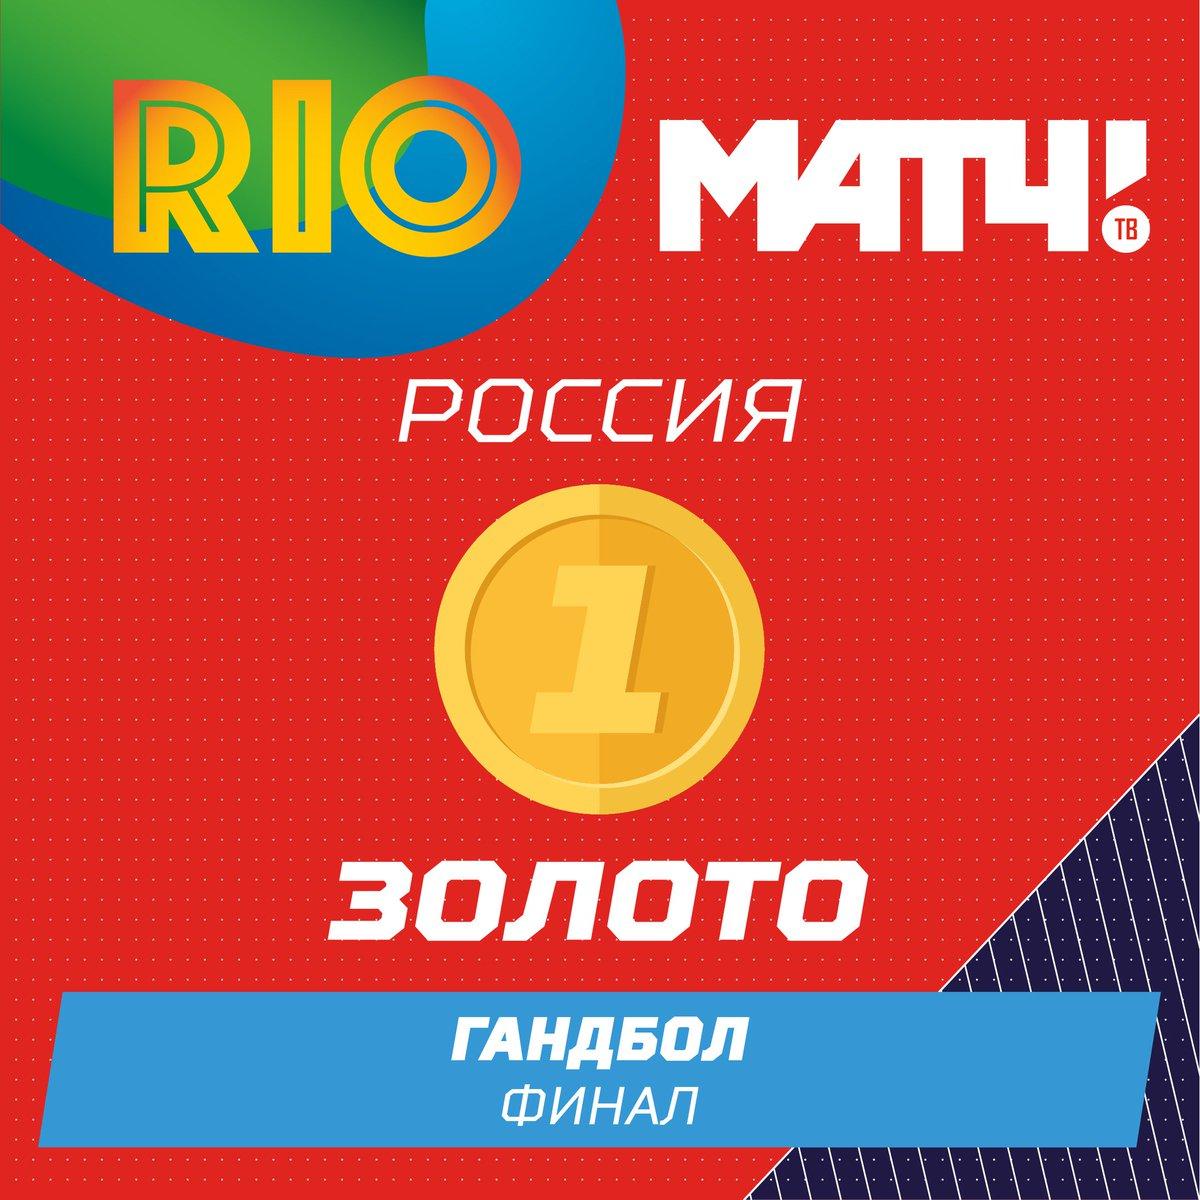 Олимпийские игры 2016-2 - Страница 13 CqU-oGoWgAAXJVs